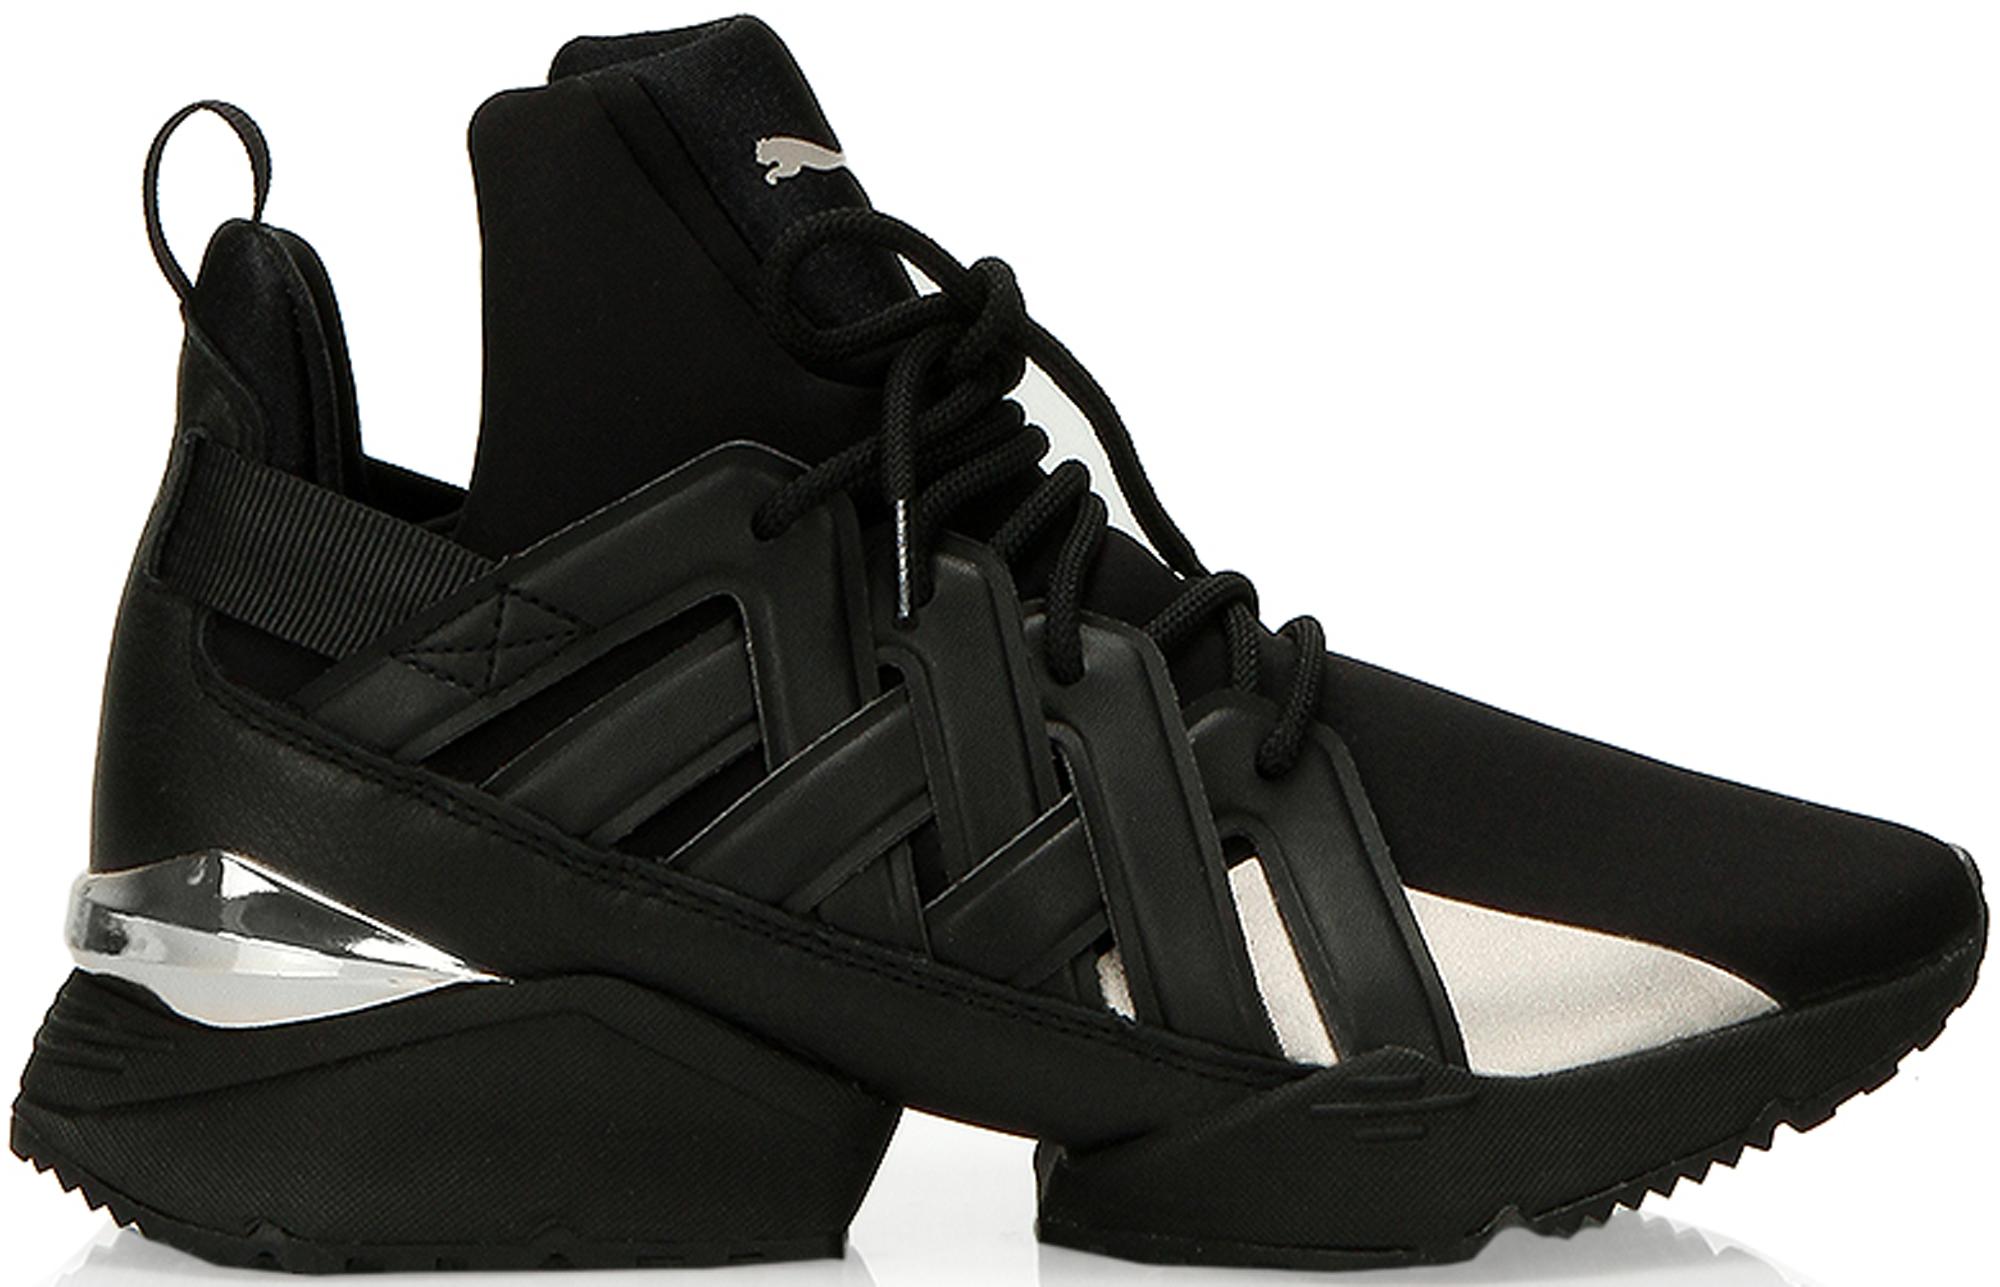 Puma Muse Echo Black (W) - 367742-01